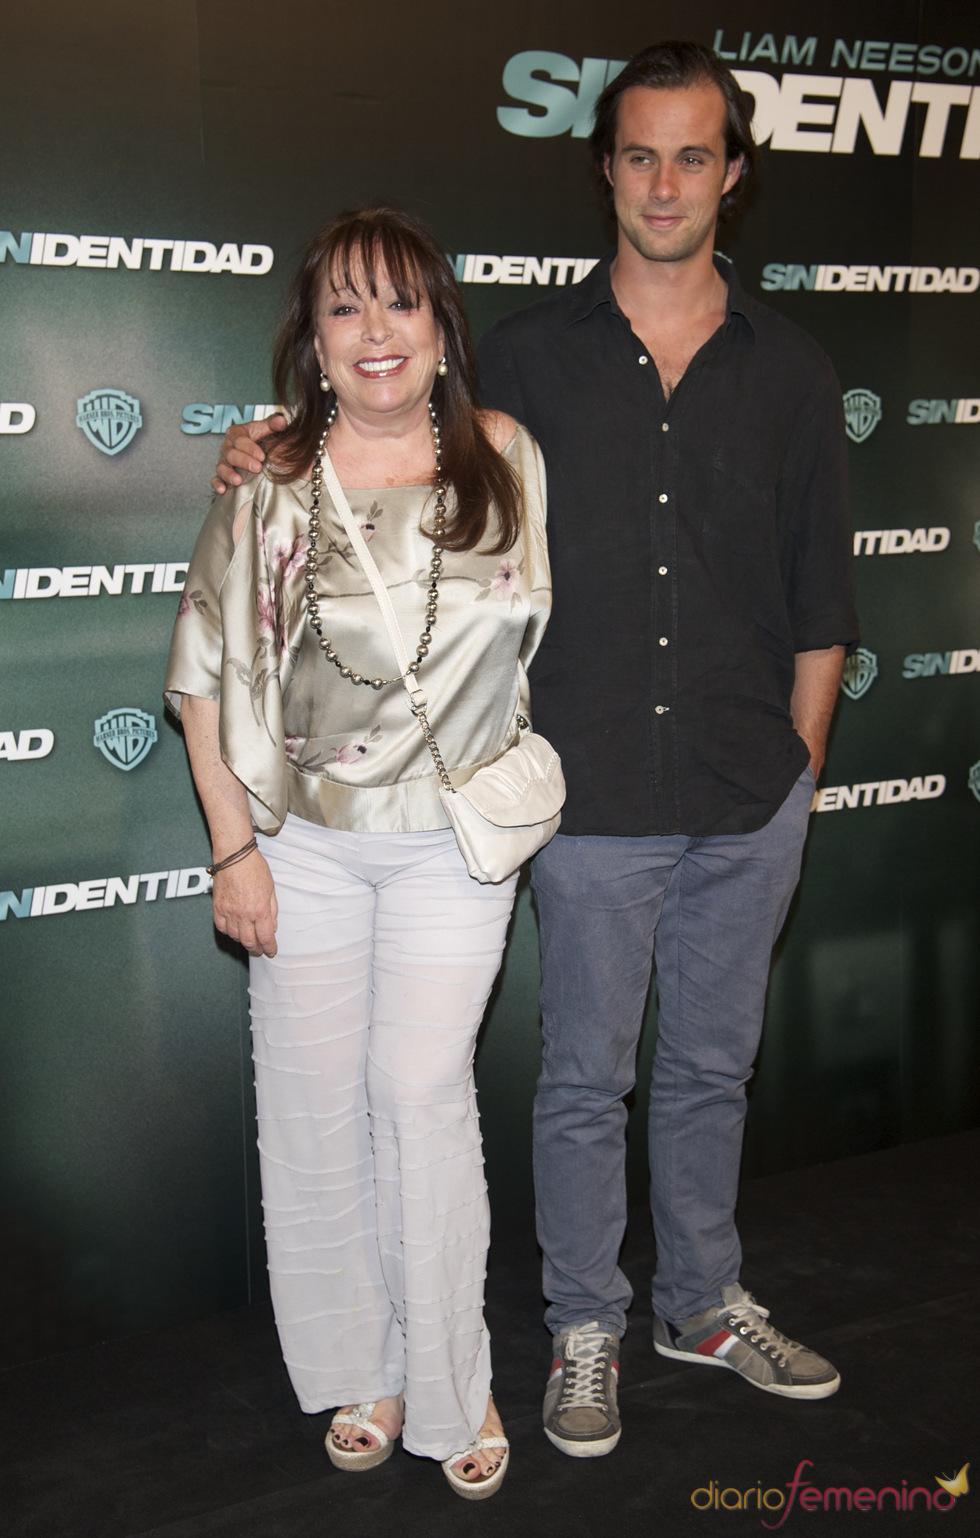 Massiel en la premiere de 'Sin identidad' en Madrid